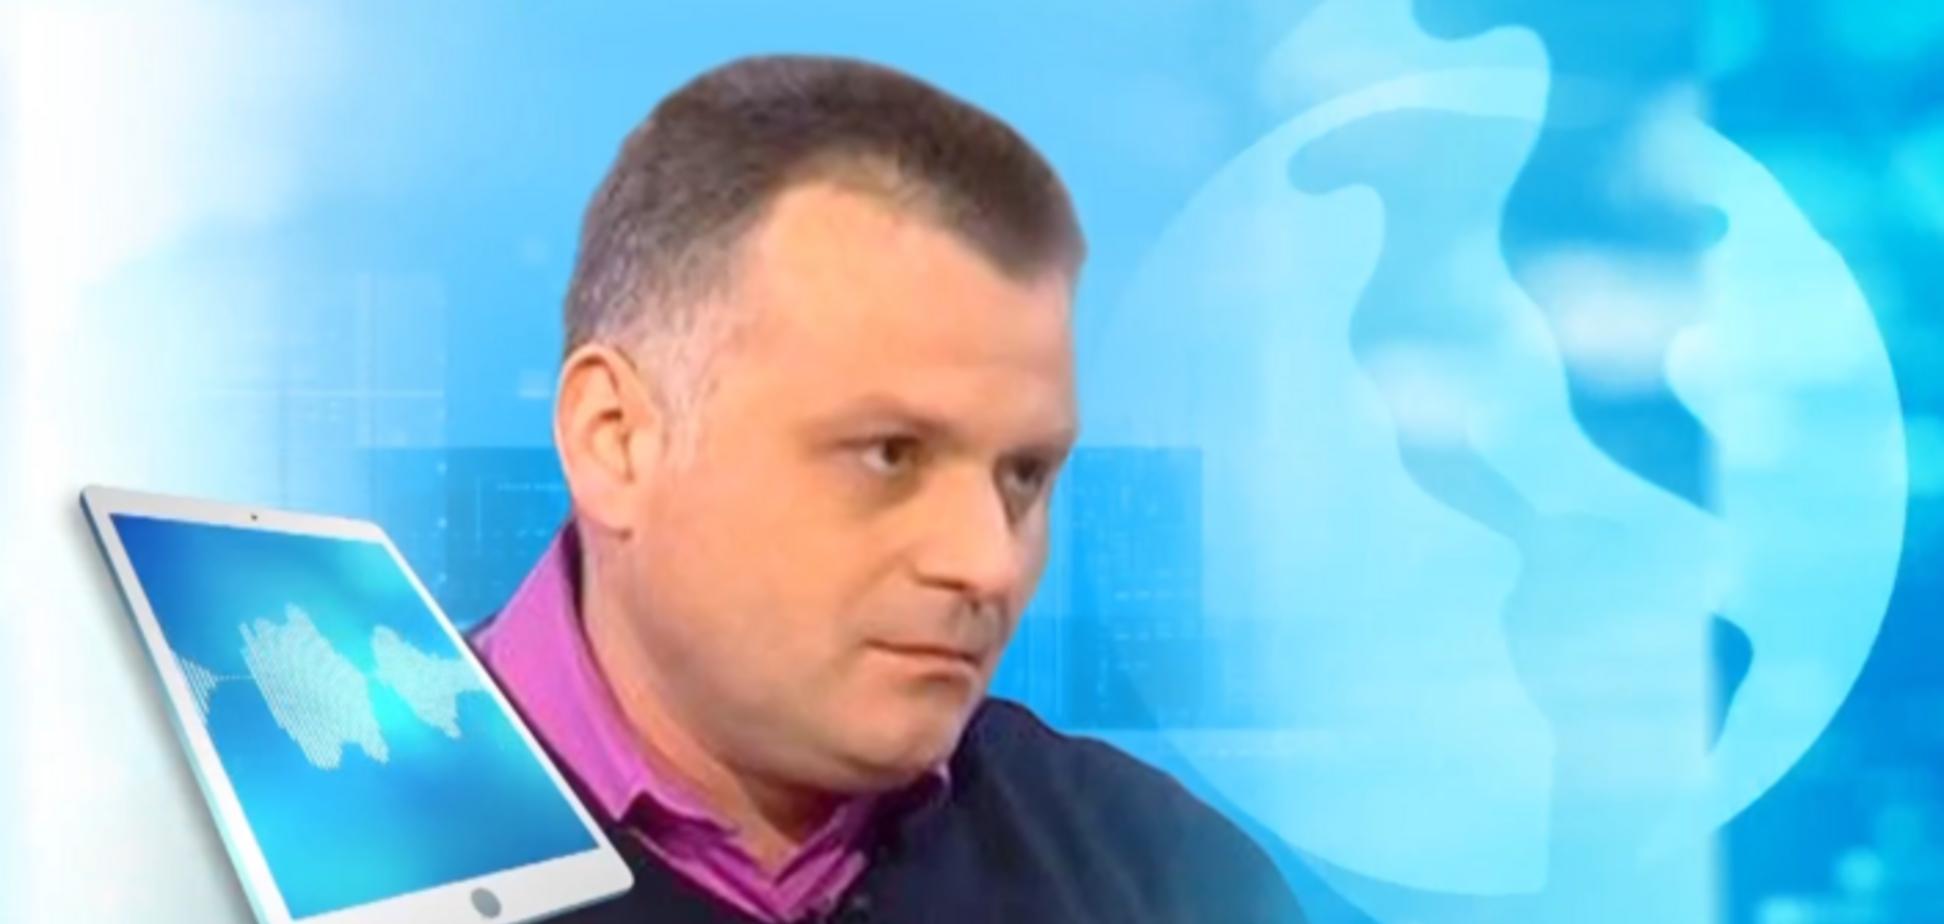 Не упоминают главного: эксперт назвал отягощающее обстоятельство полицейских Переяслав-Хмельницкого